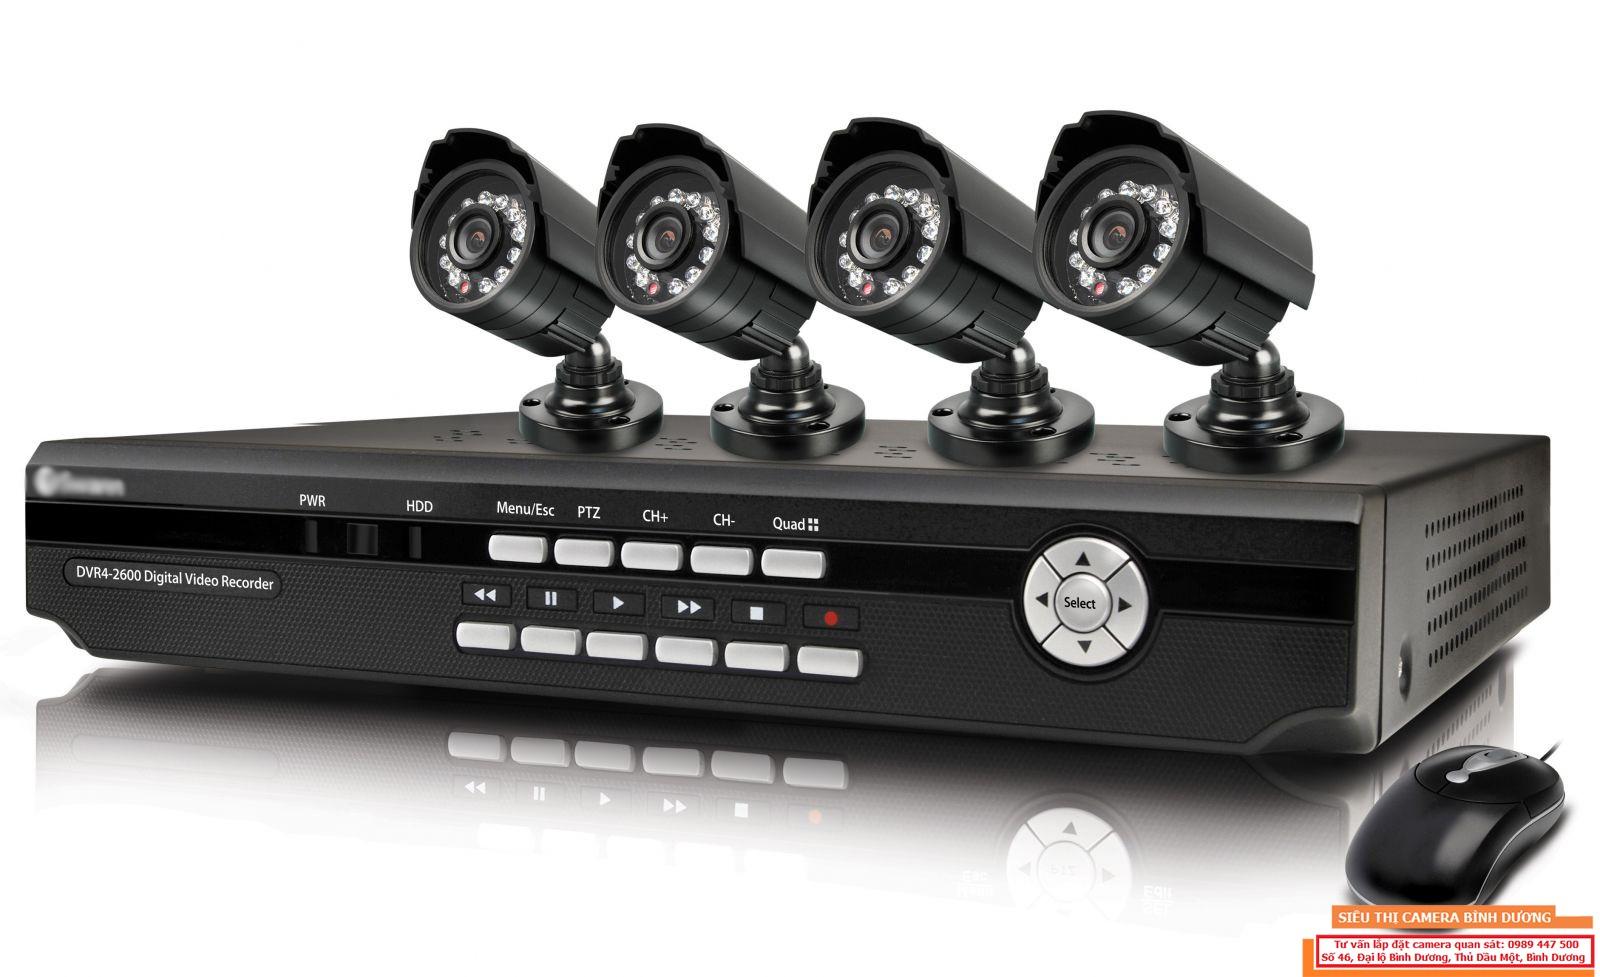 bnq2VYyRk2sms16G2ytpCc dF4E6zUXJeoxyYlvnqaKPVPJSkYJ2dSEh41MHb11oDeXFBhrIt23X5odZVM1taRTY4AXqIXGncotaEMP9fpPObtl0zkbOlDGTswa9UpgFw25ozuin - Lắp Camera ở Bình Dương loại nào cao nhất cho cửa hàng mua bán